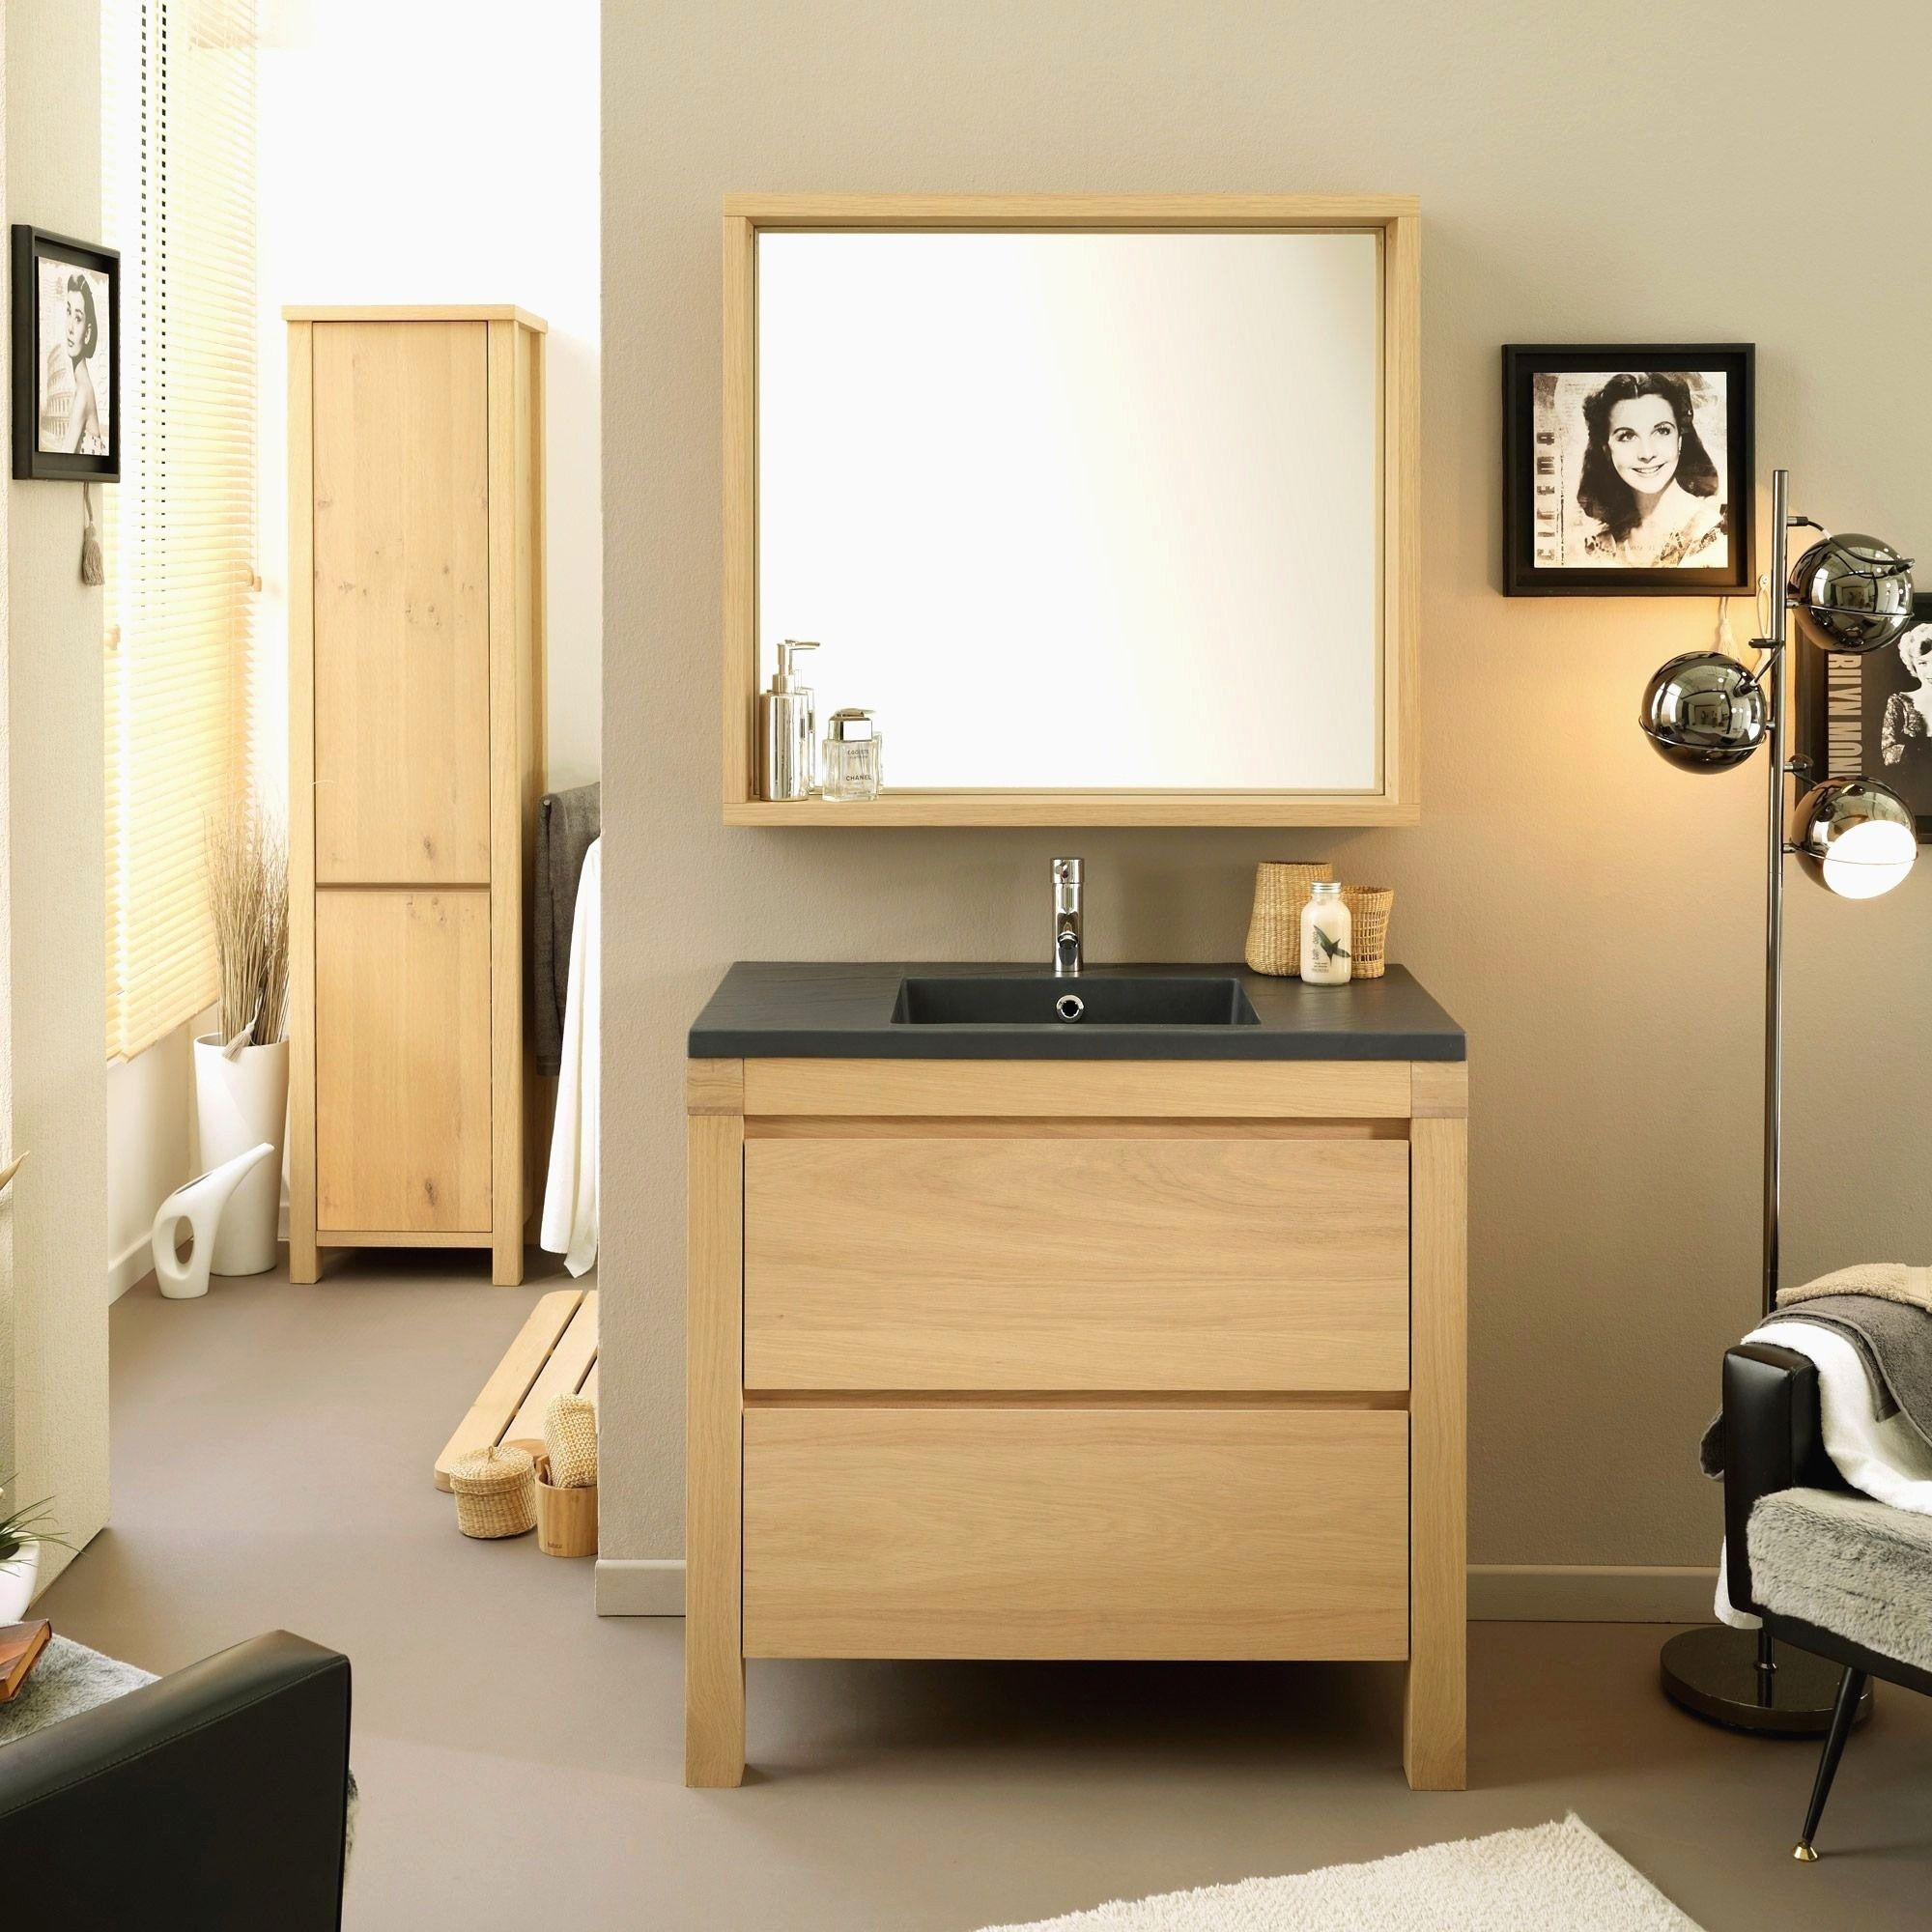 28 Elegant Rideau Autocollant Fenetre Castorama Pic Rideauautocollantfenetrecastorama Bathroom Vanity Storage Bathroom Vanity Trendy Bathroom